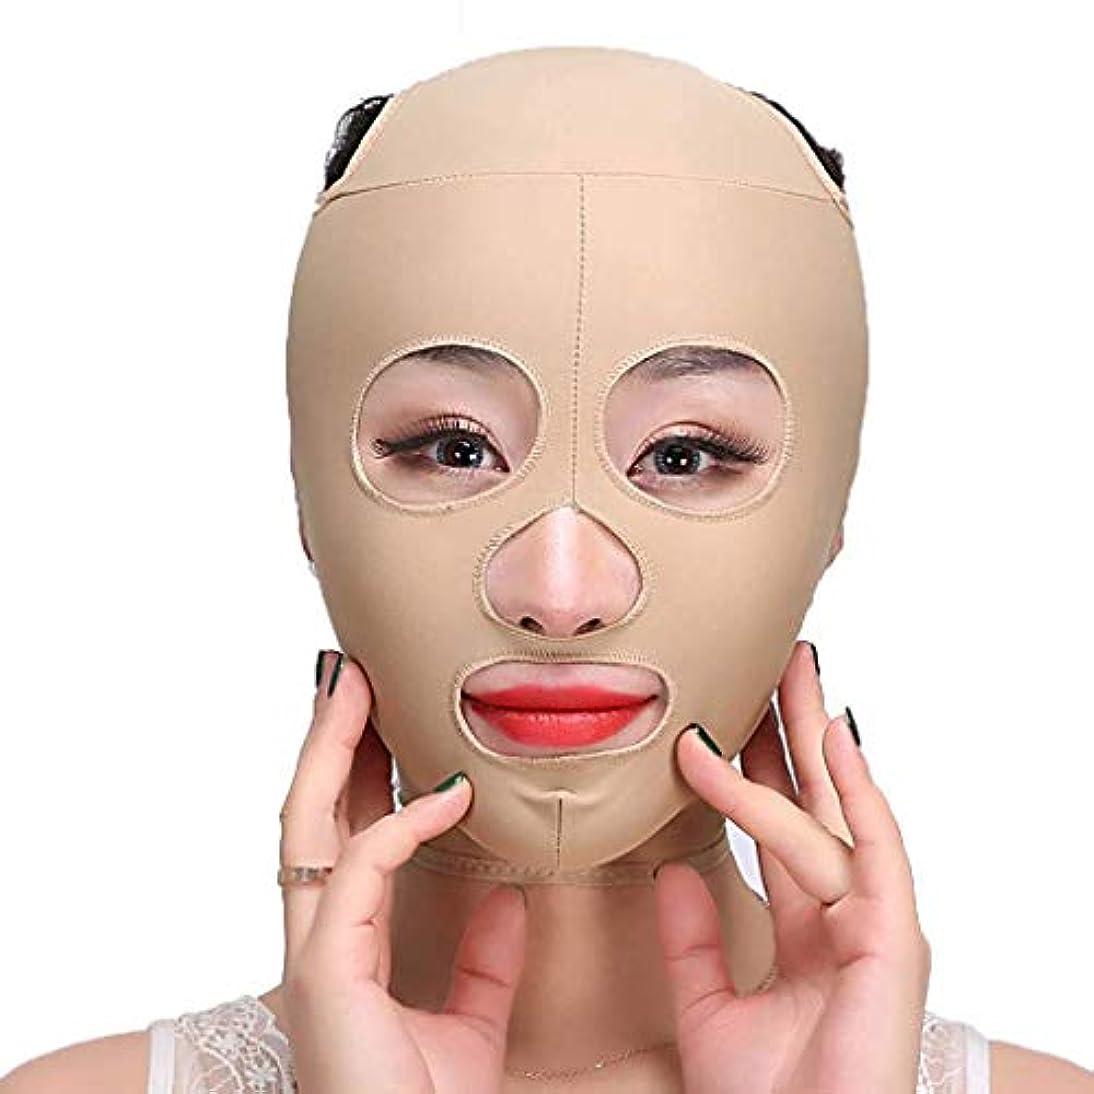 増幅するラインナップ流行している痩身ベルト、フェイスマスクシンフェイス機器リフティング引き締めVフェイス男性と女性フェイスリフティングステッカーダブルチンフェイスリフティングフェイスマスク包帯フェイシャルマッサージ(サイズ:M)